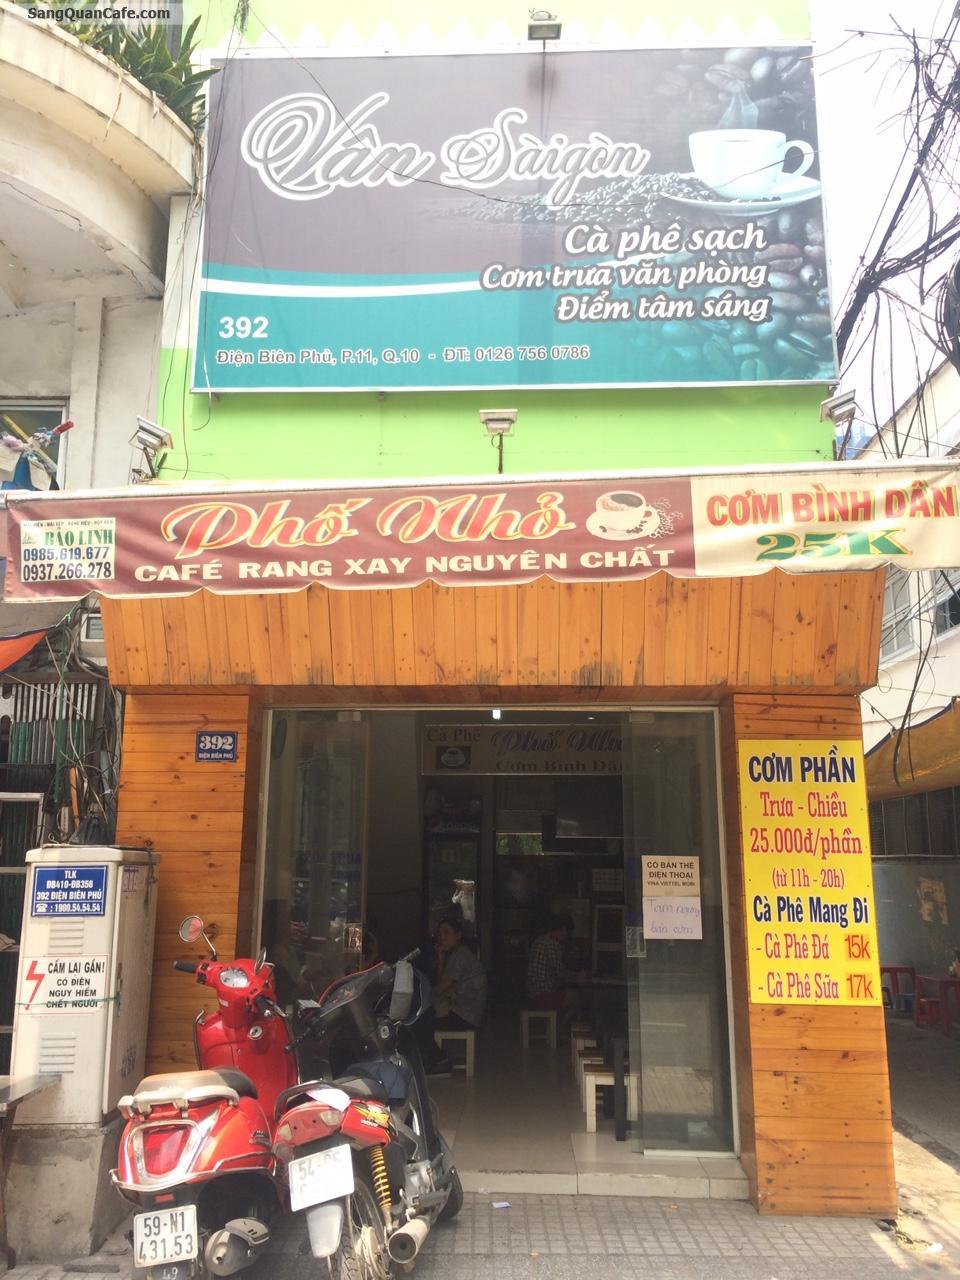 Sang Gấp Quán Cafe Cơm VP Đông Khách quận 10